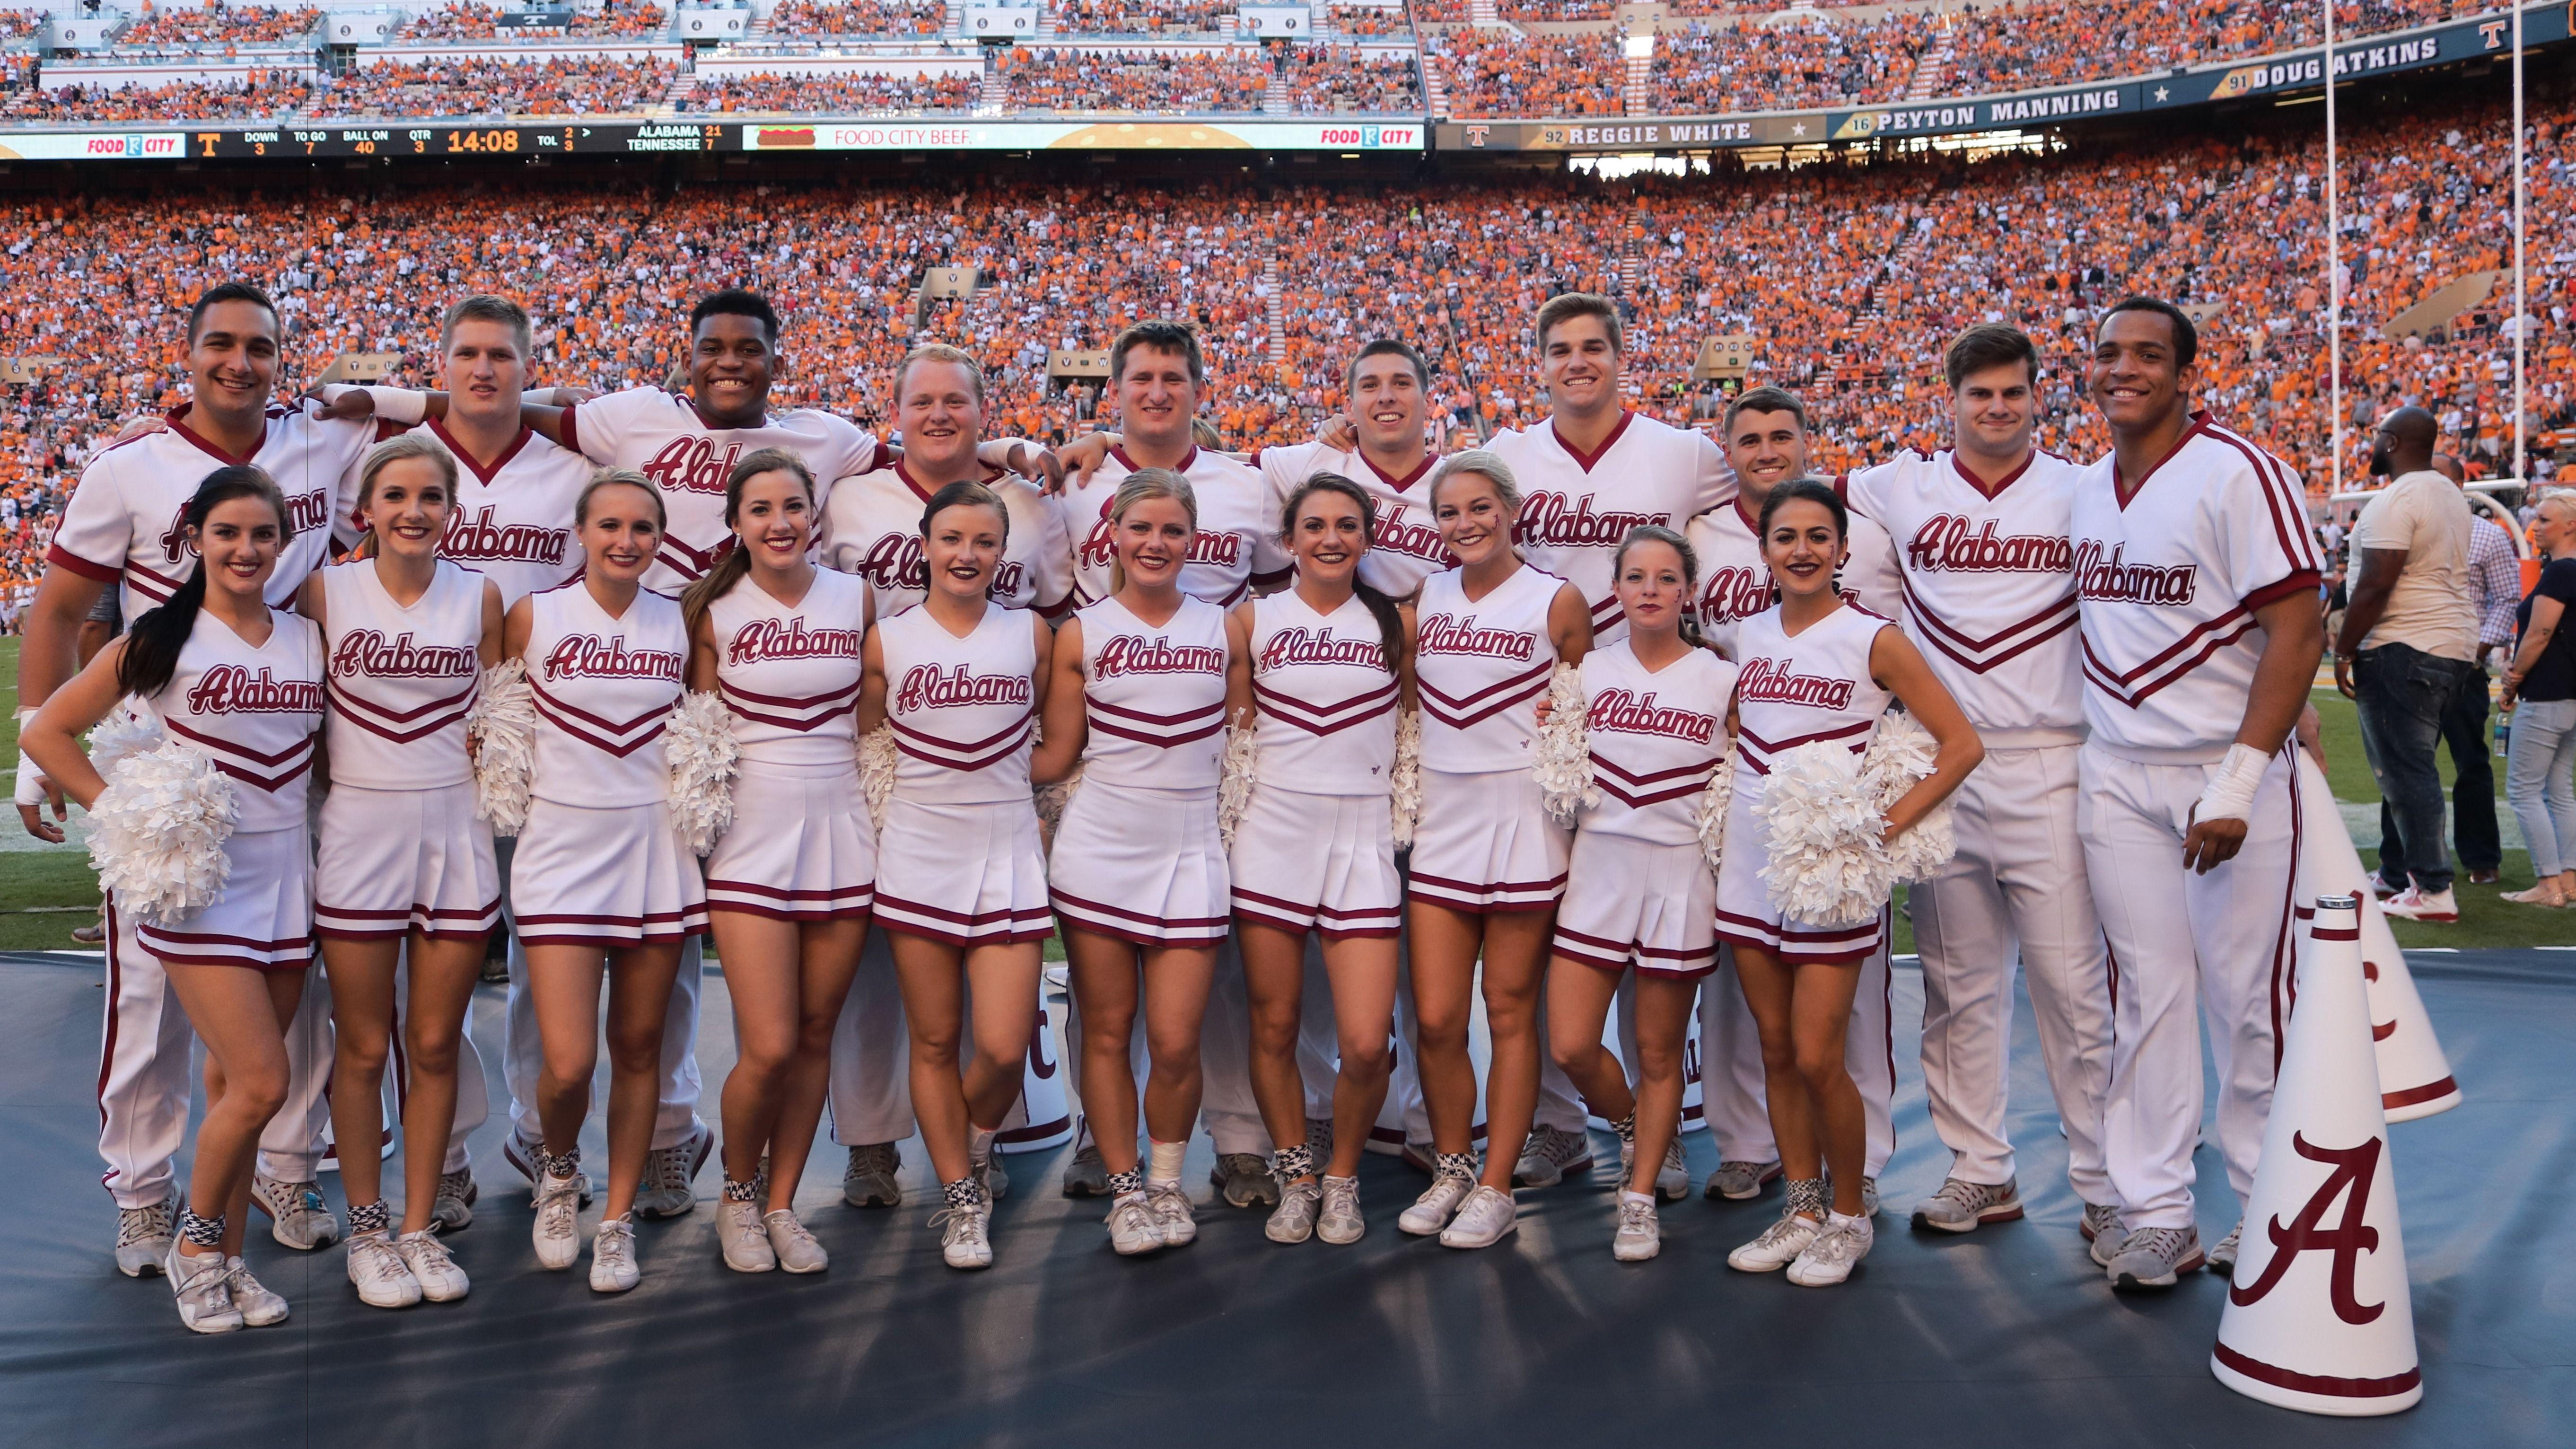 Alabama Cheerleaders 2019 Cheerleading tryouts